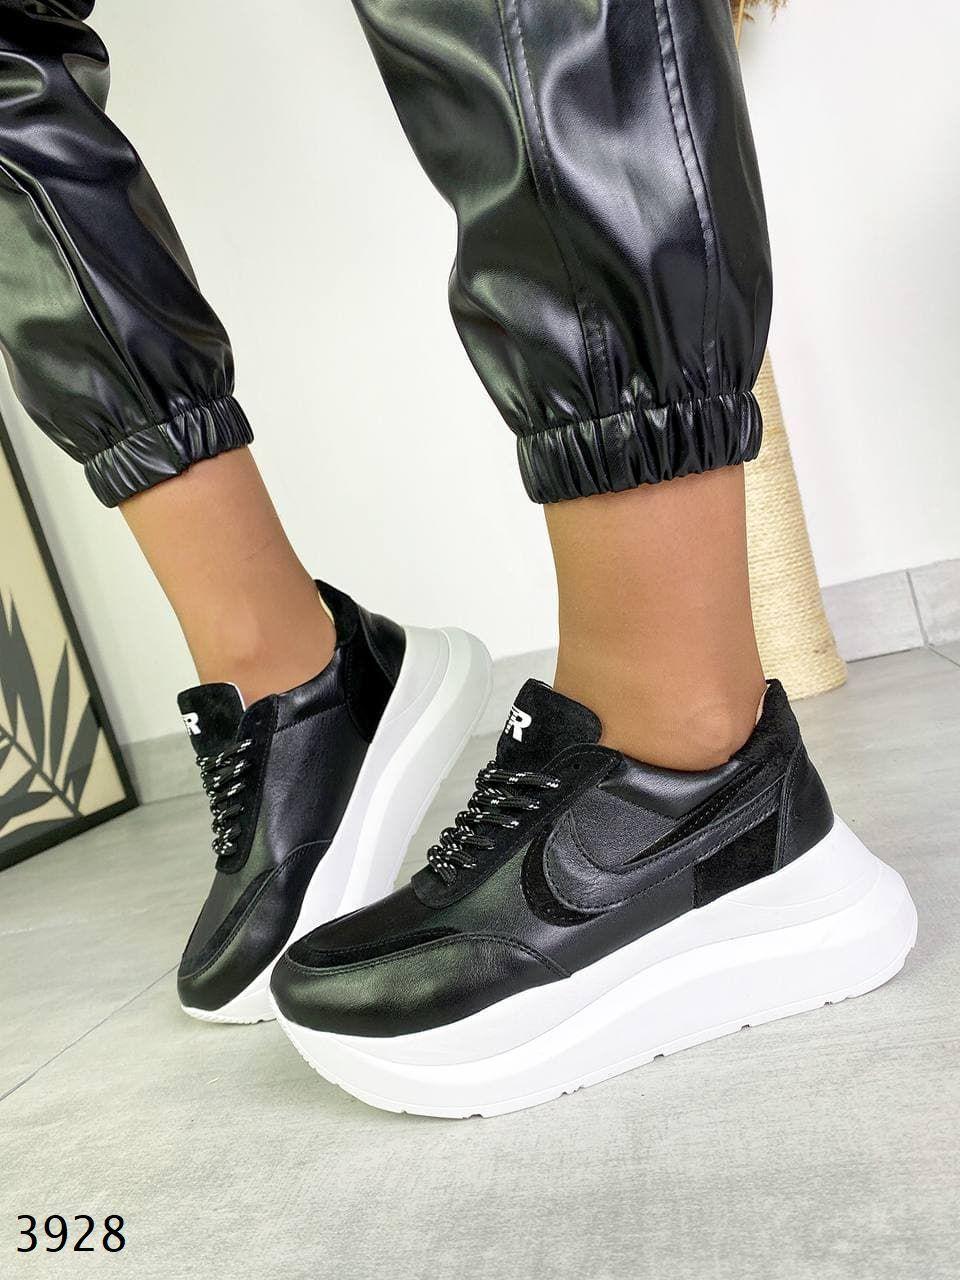 Женские кроссовки на шнуровке кожа+замша 36-40 р чёрный